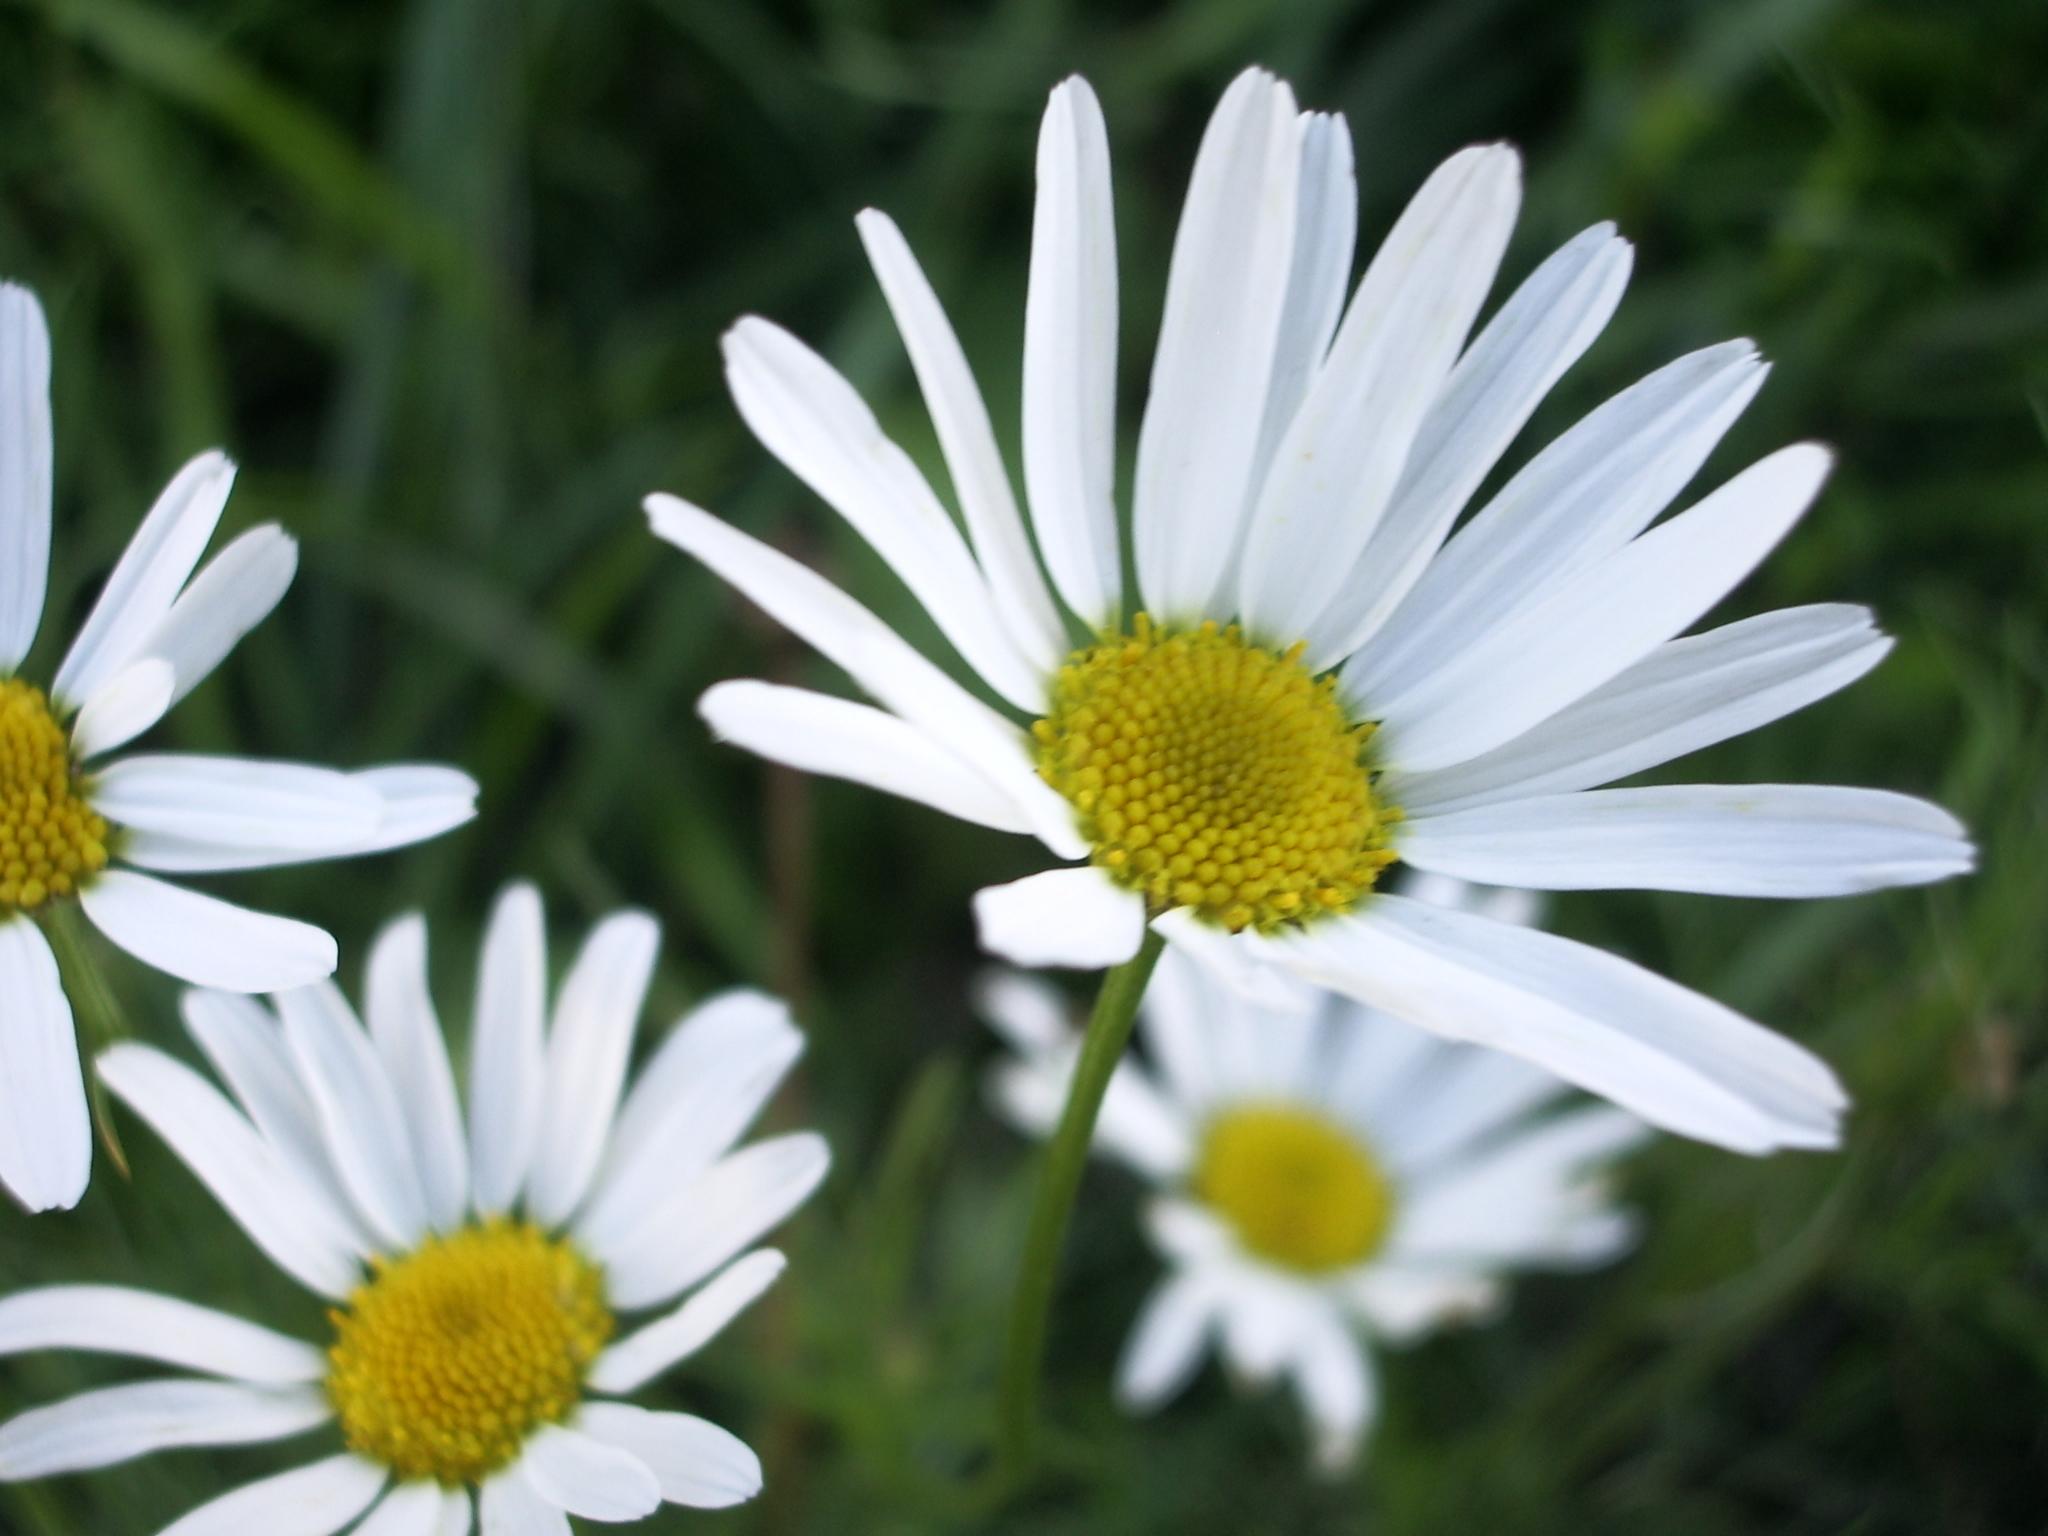 9987 descargar fondo de pantalla Plantas, Flores, Camomila: protectores de pantalla e imágenes gratis